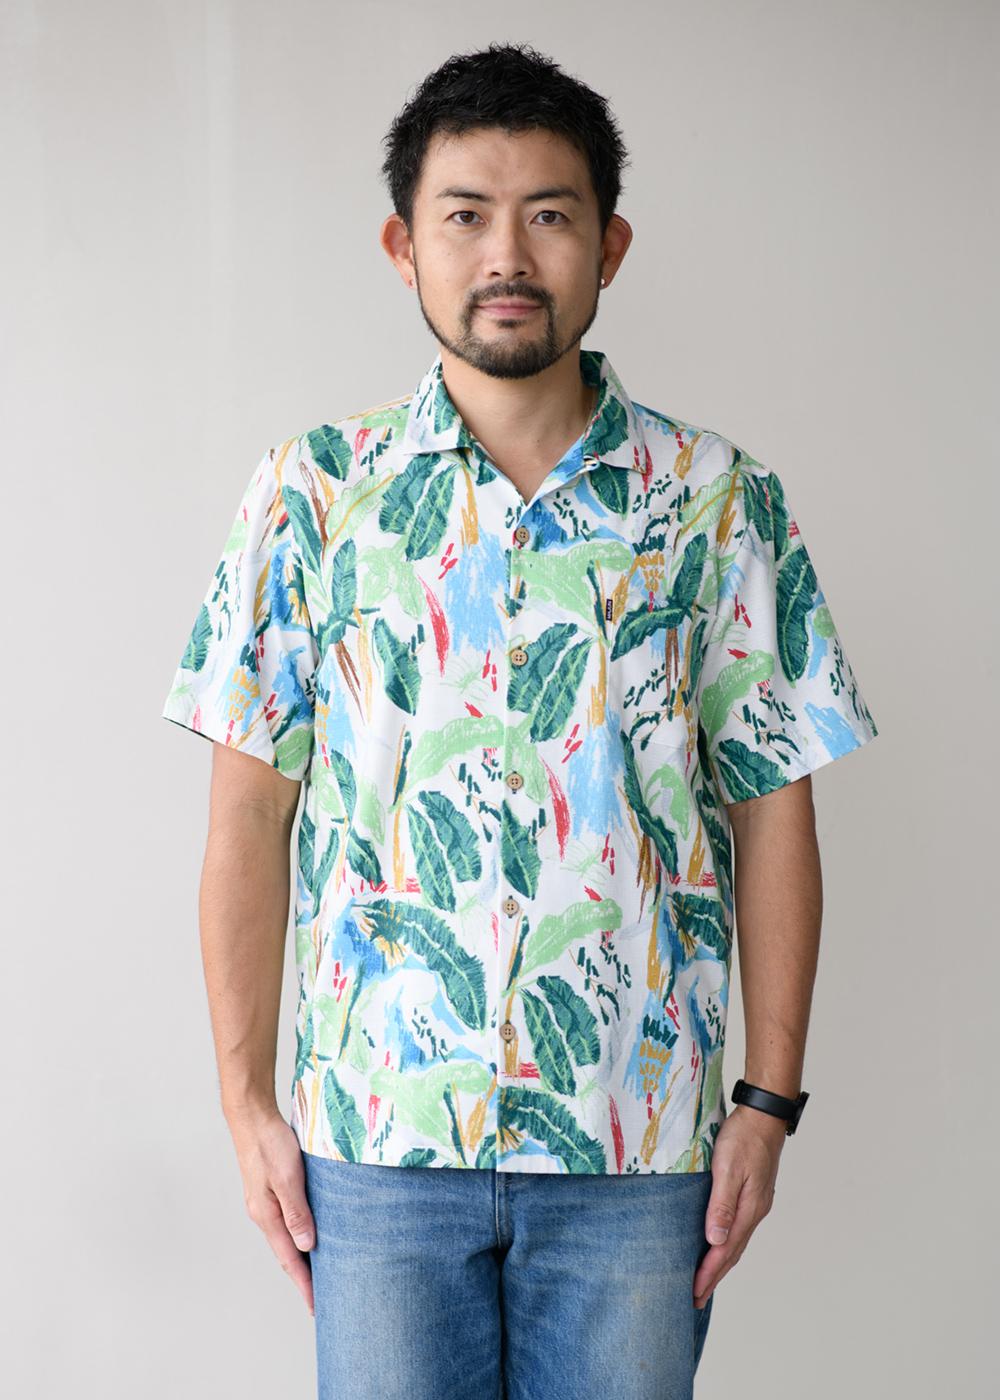 かりゆしウェア(沖縄版アロハシャツ) MAJUN - バナナリーフ